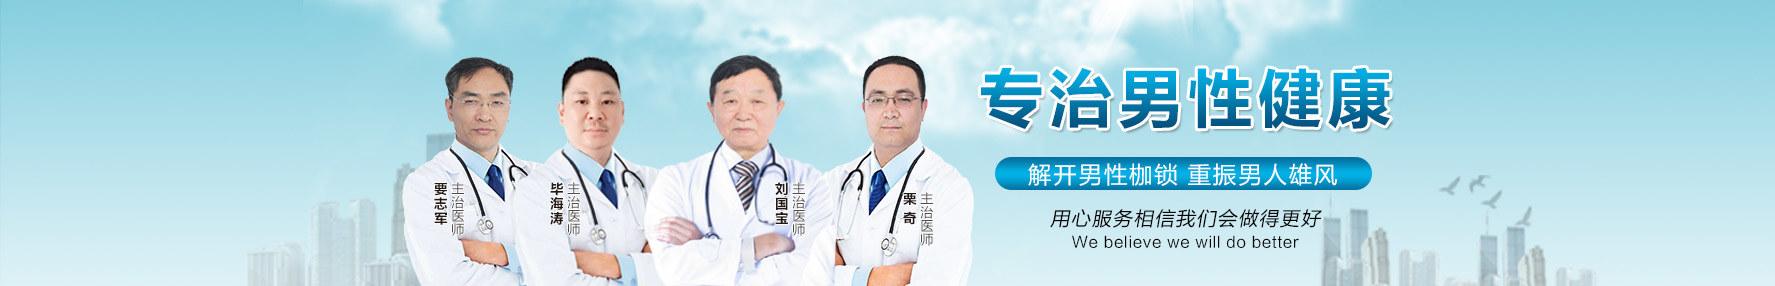 邯郸男科医院